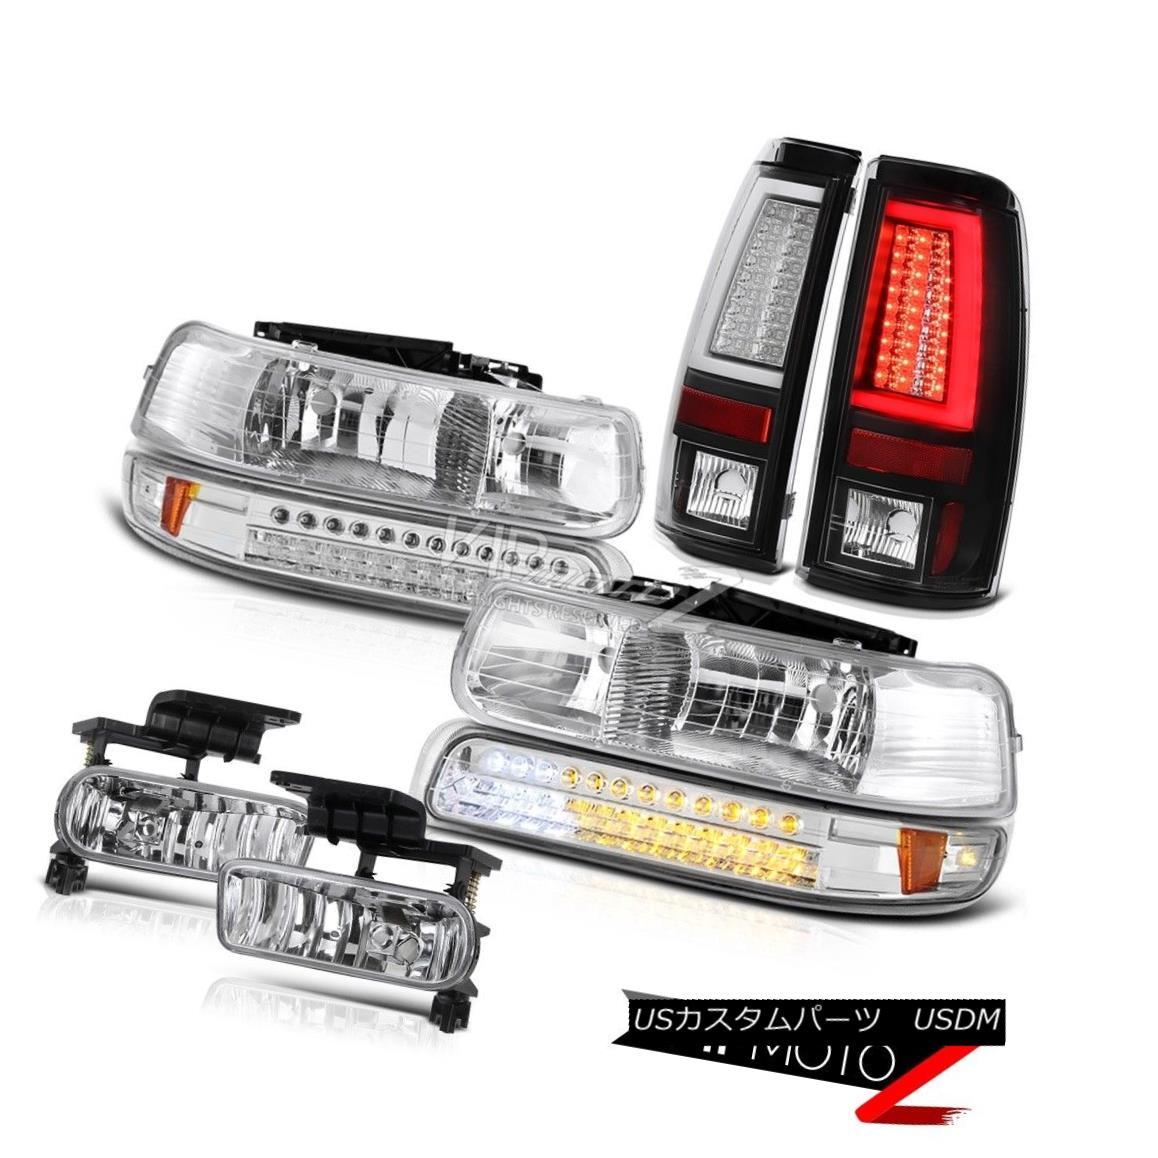 ヘッドライト 1999-2002 Silverado 3500 Taillights Clear Chrome Headlamps Signal Lamp Foglights 1999-2002 Silverado 3500テールライトクリアクロームヘッドランプ信号ランプフォグライト